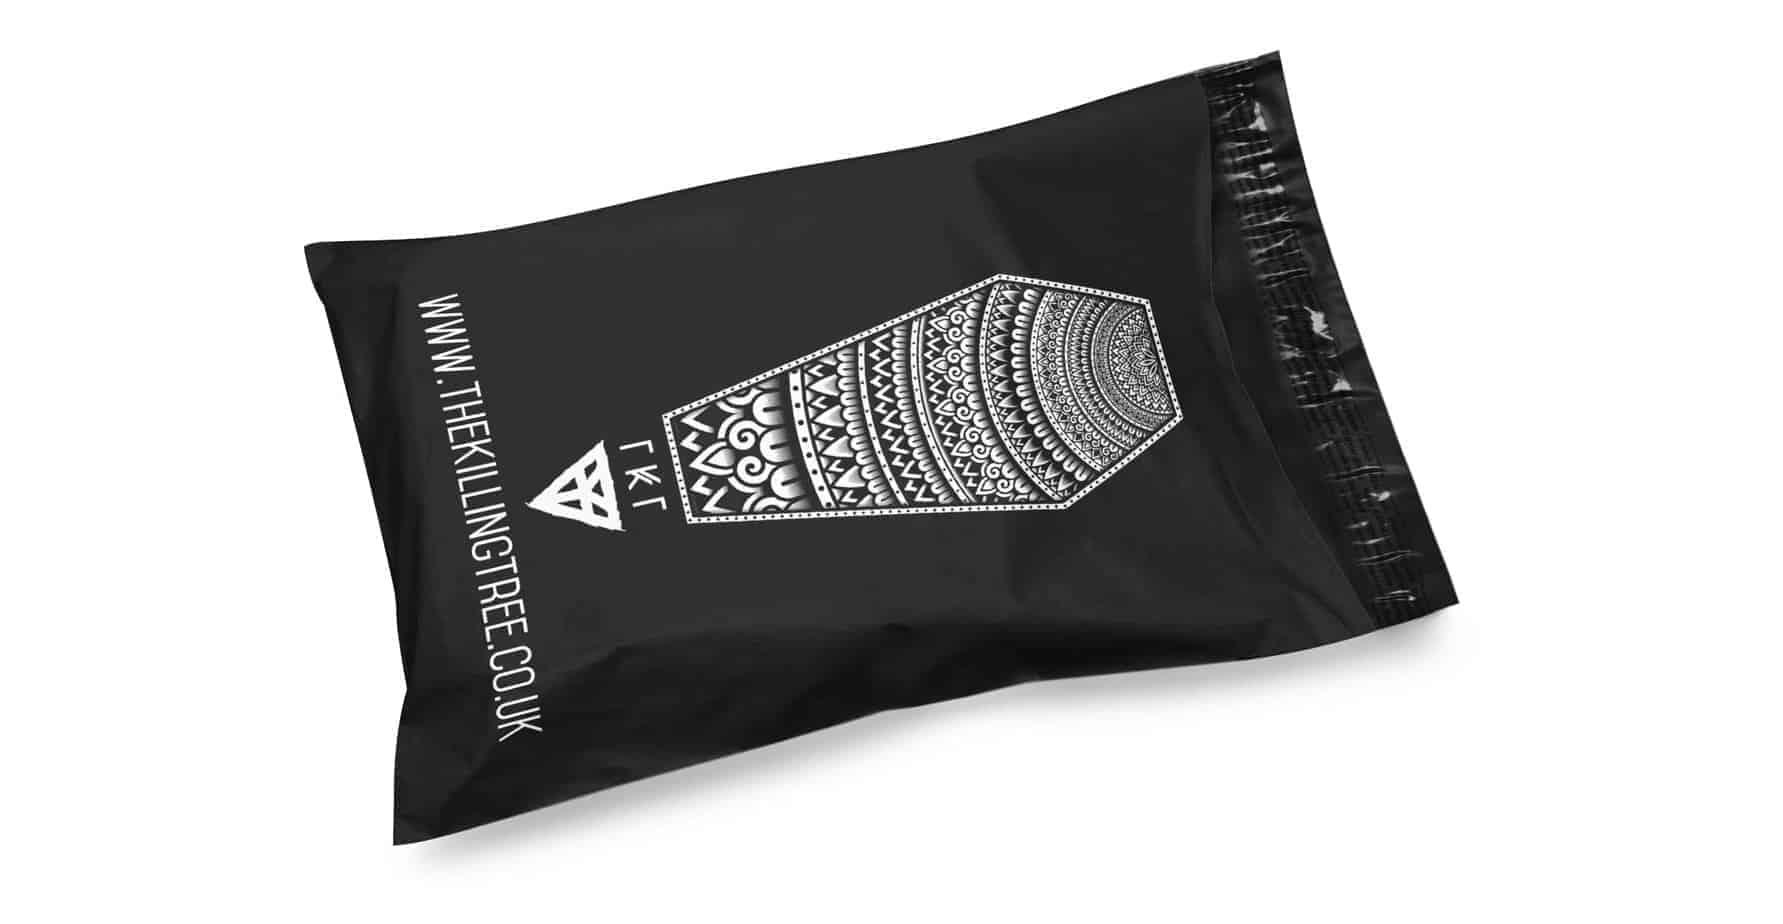 Black Custom Printed Mailing Bag